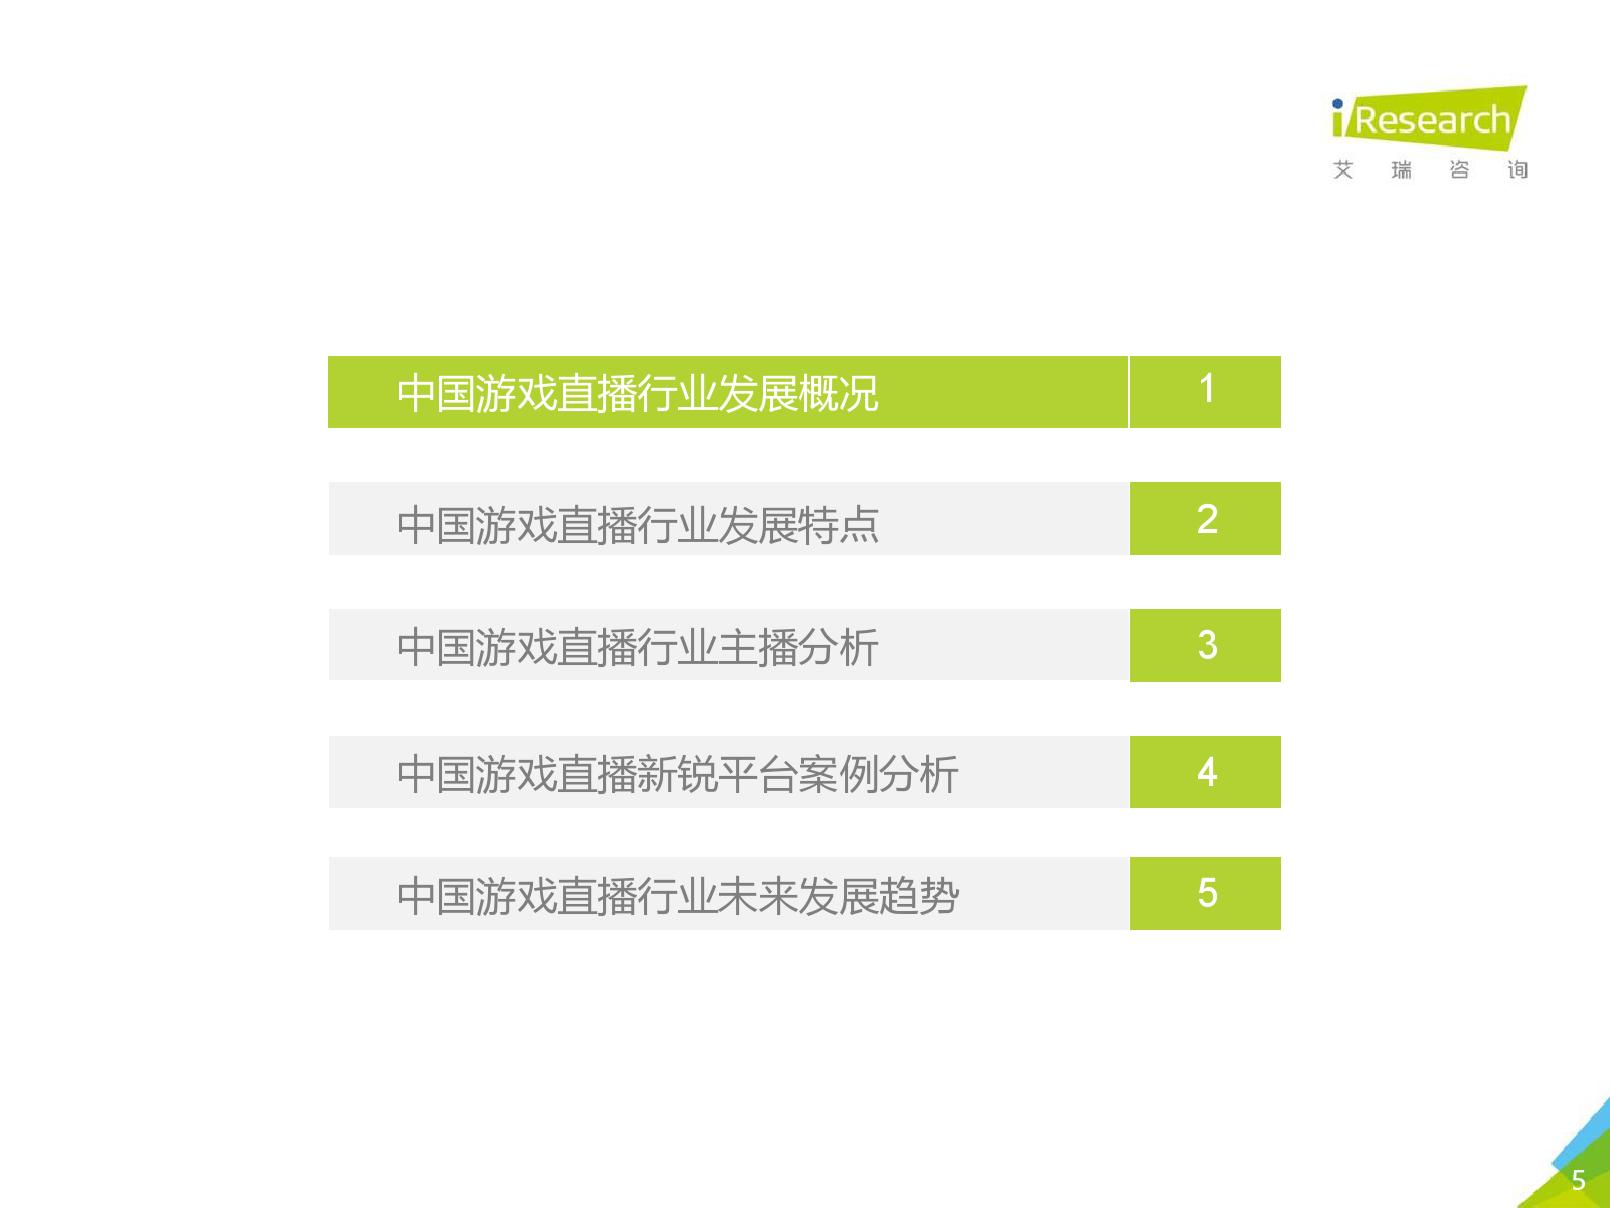 艾瑞咨询:2020年中国游戏直播行业研究报告(可下载报告)插图(9)